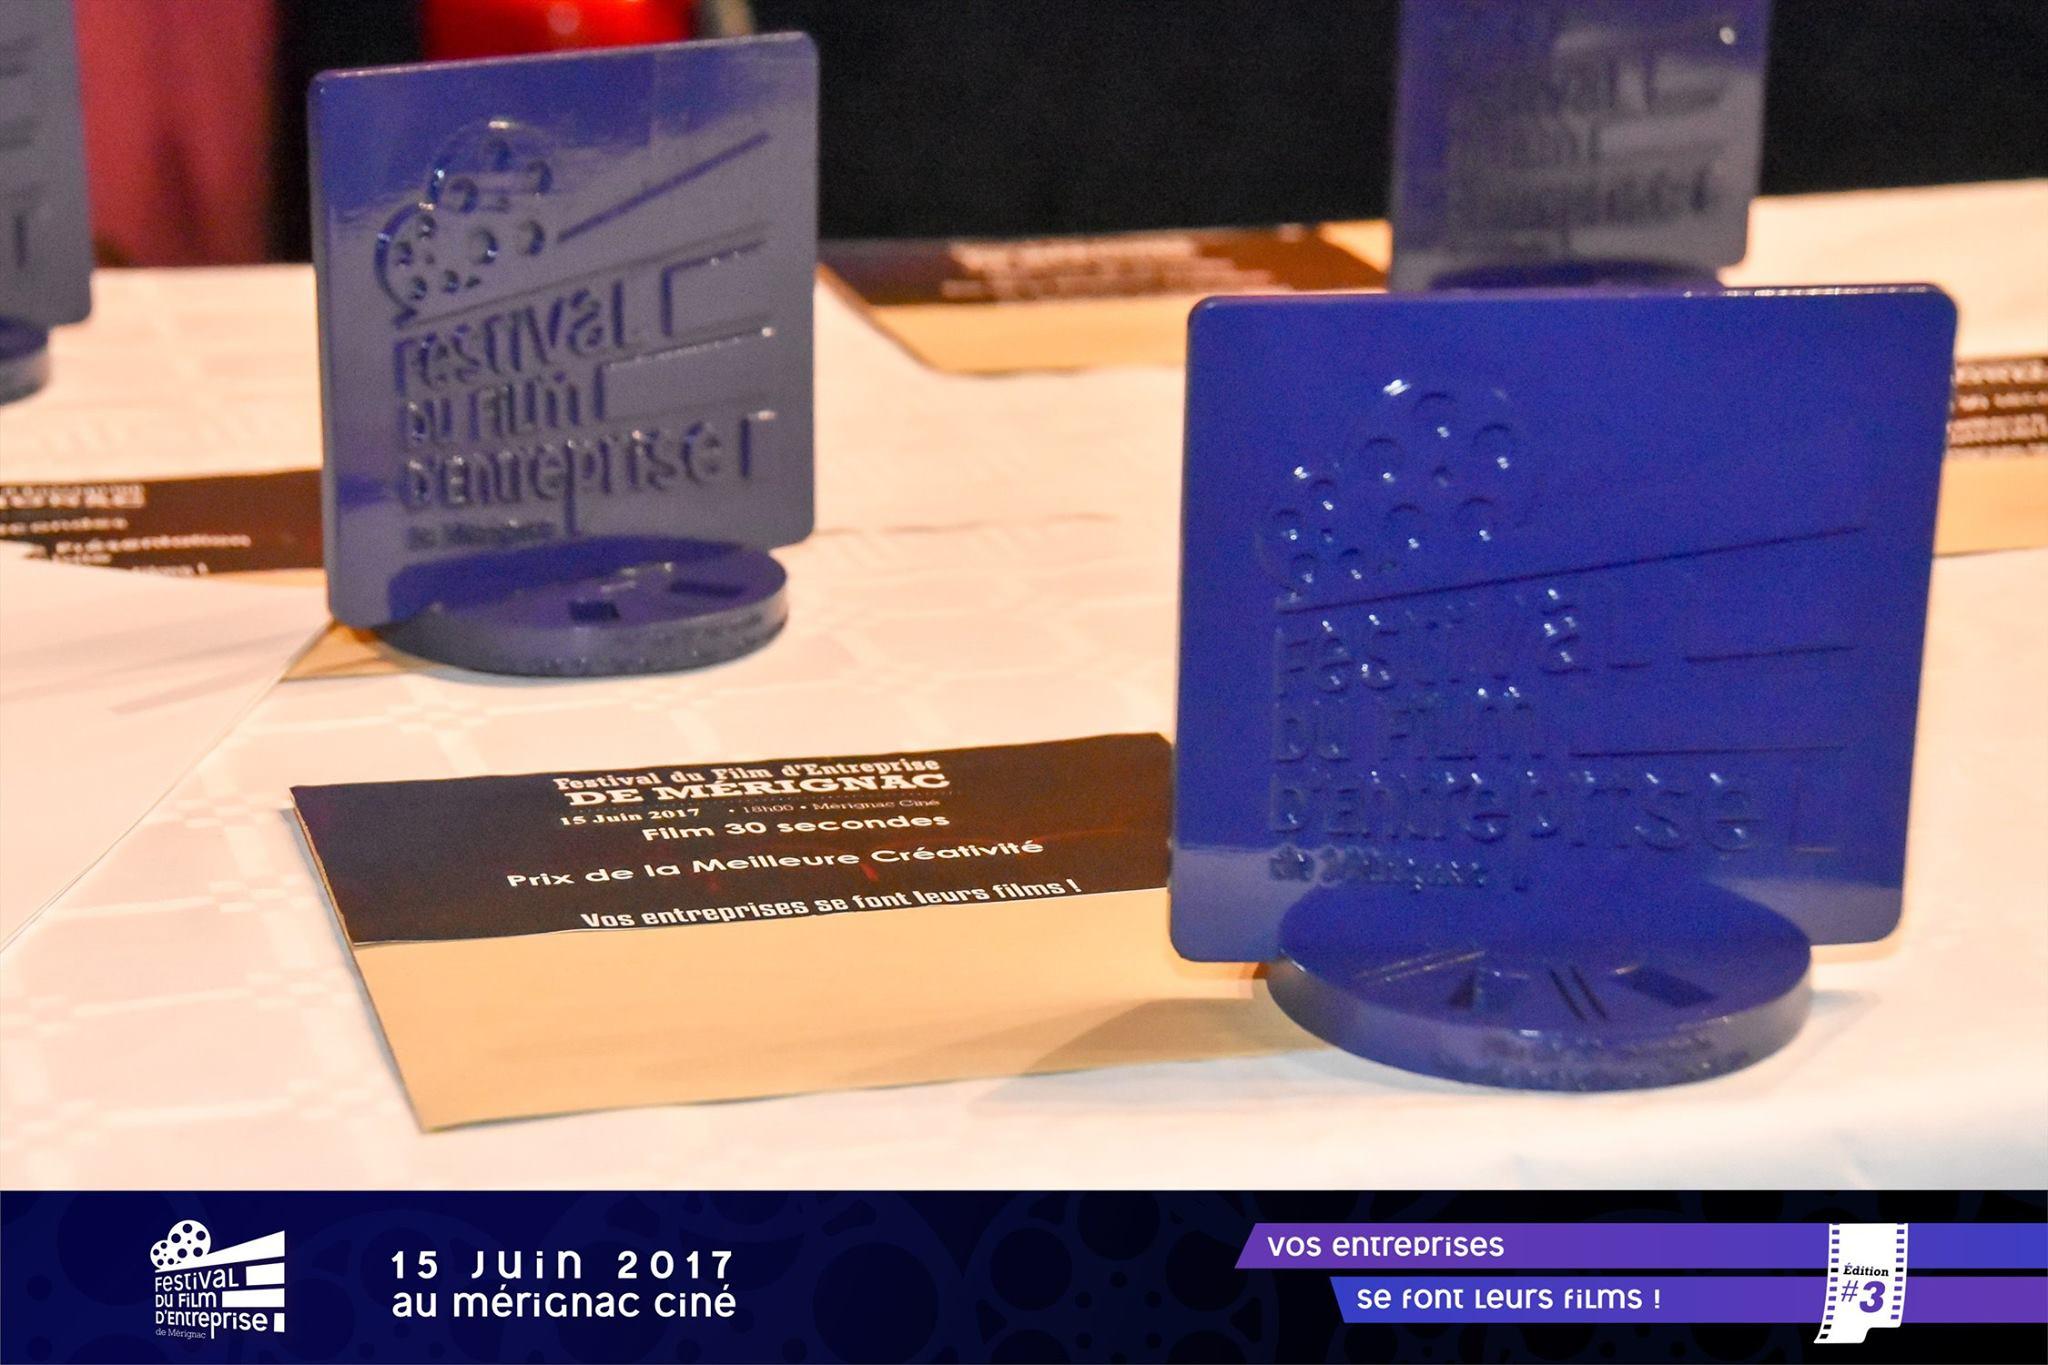 19023650_1234004980042001_8502328594561501853_o Trophées du Festival du Film d'entreprise de Mérignac